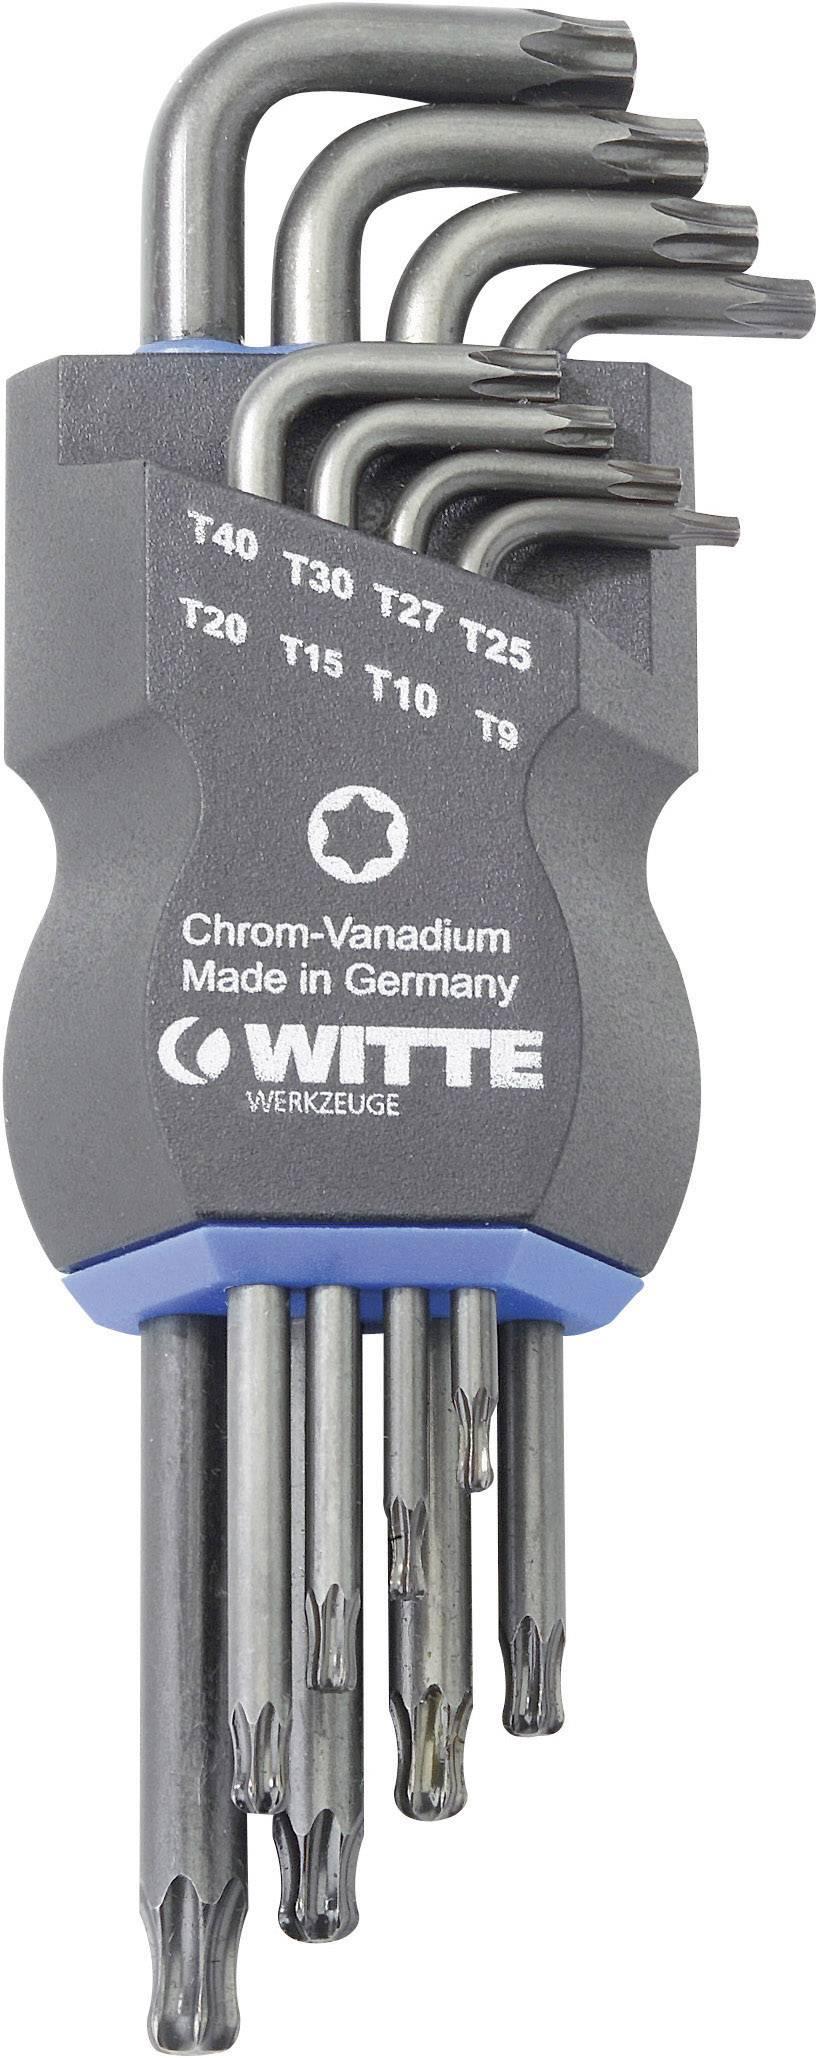 Torx sada zahnutých kľúčov Witte Werkzeug 0450432, 8-dielna